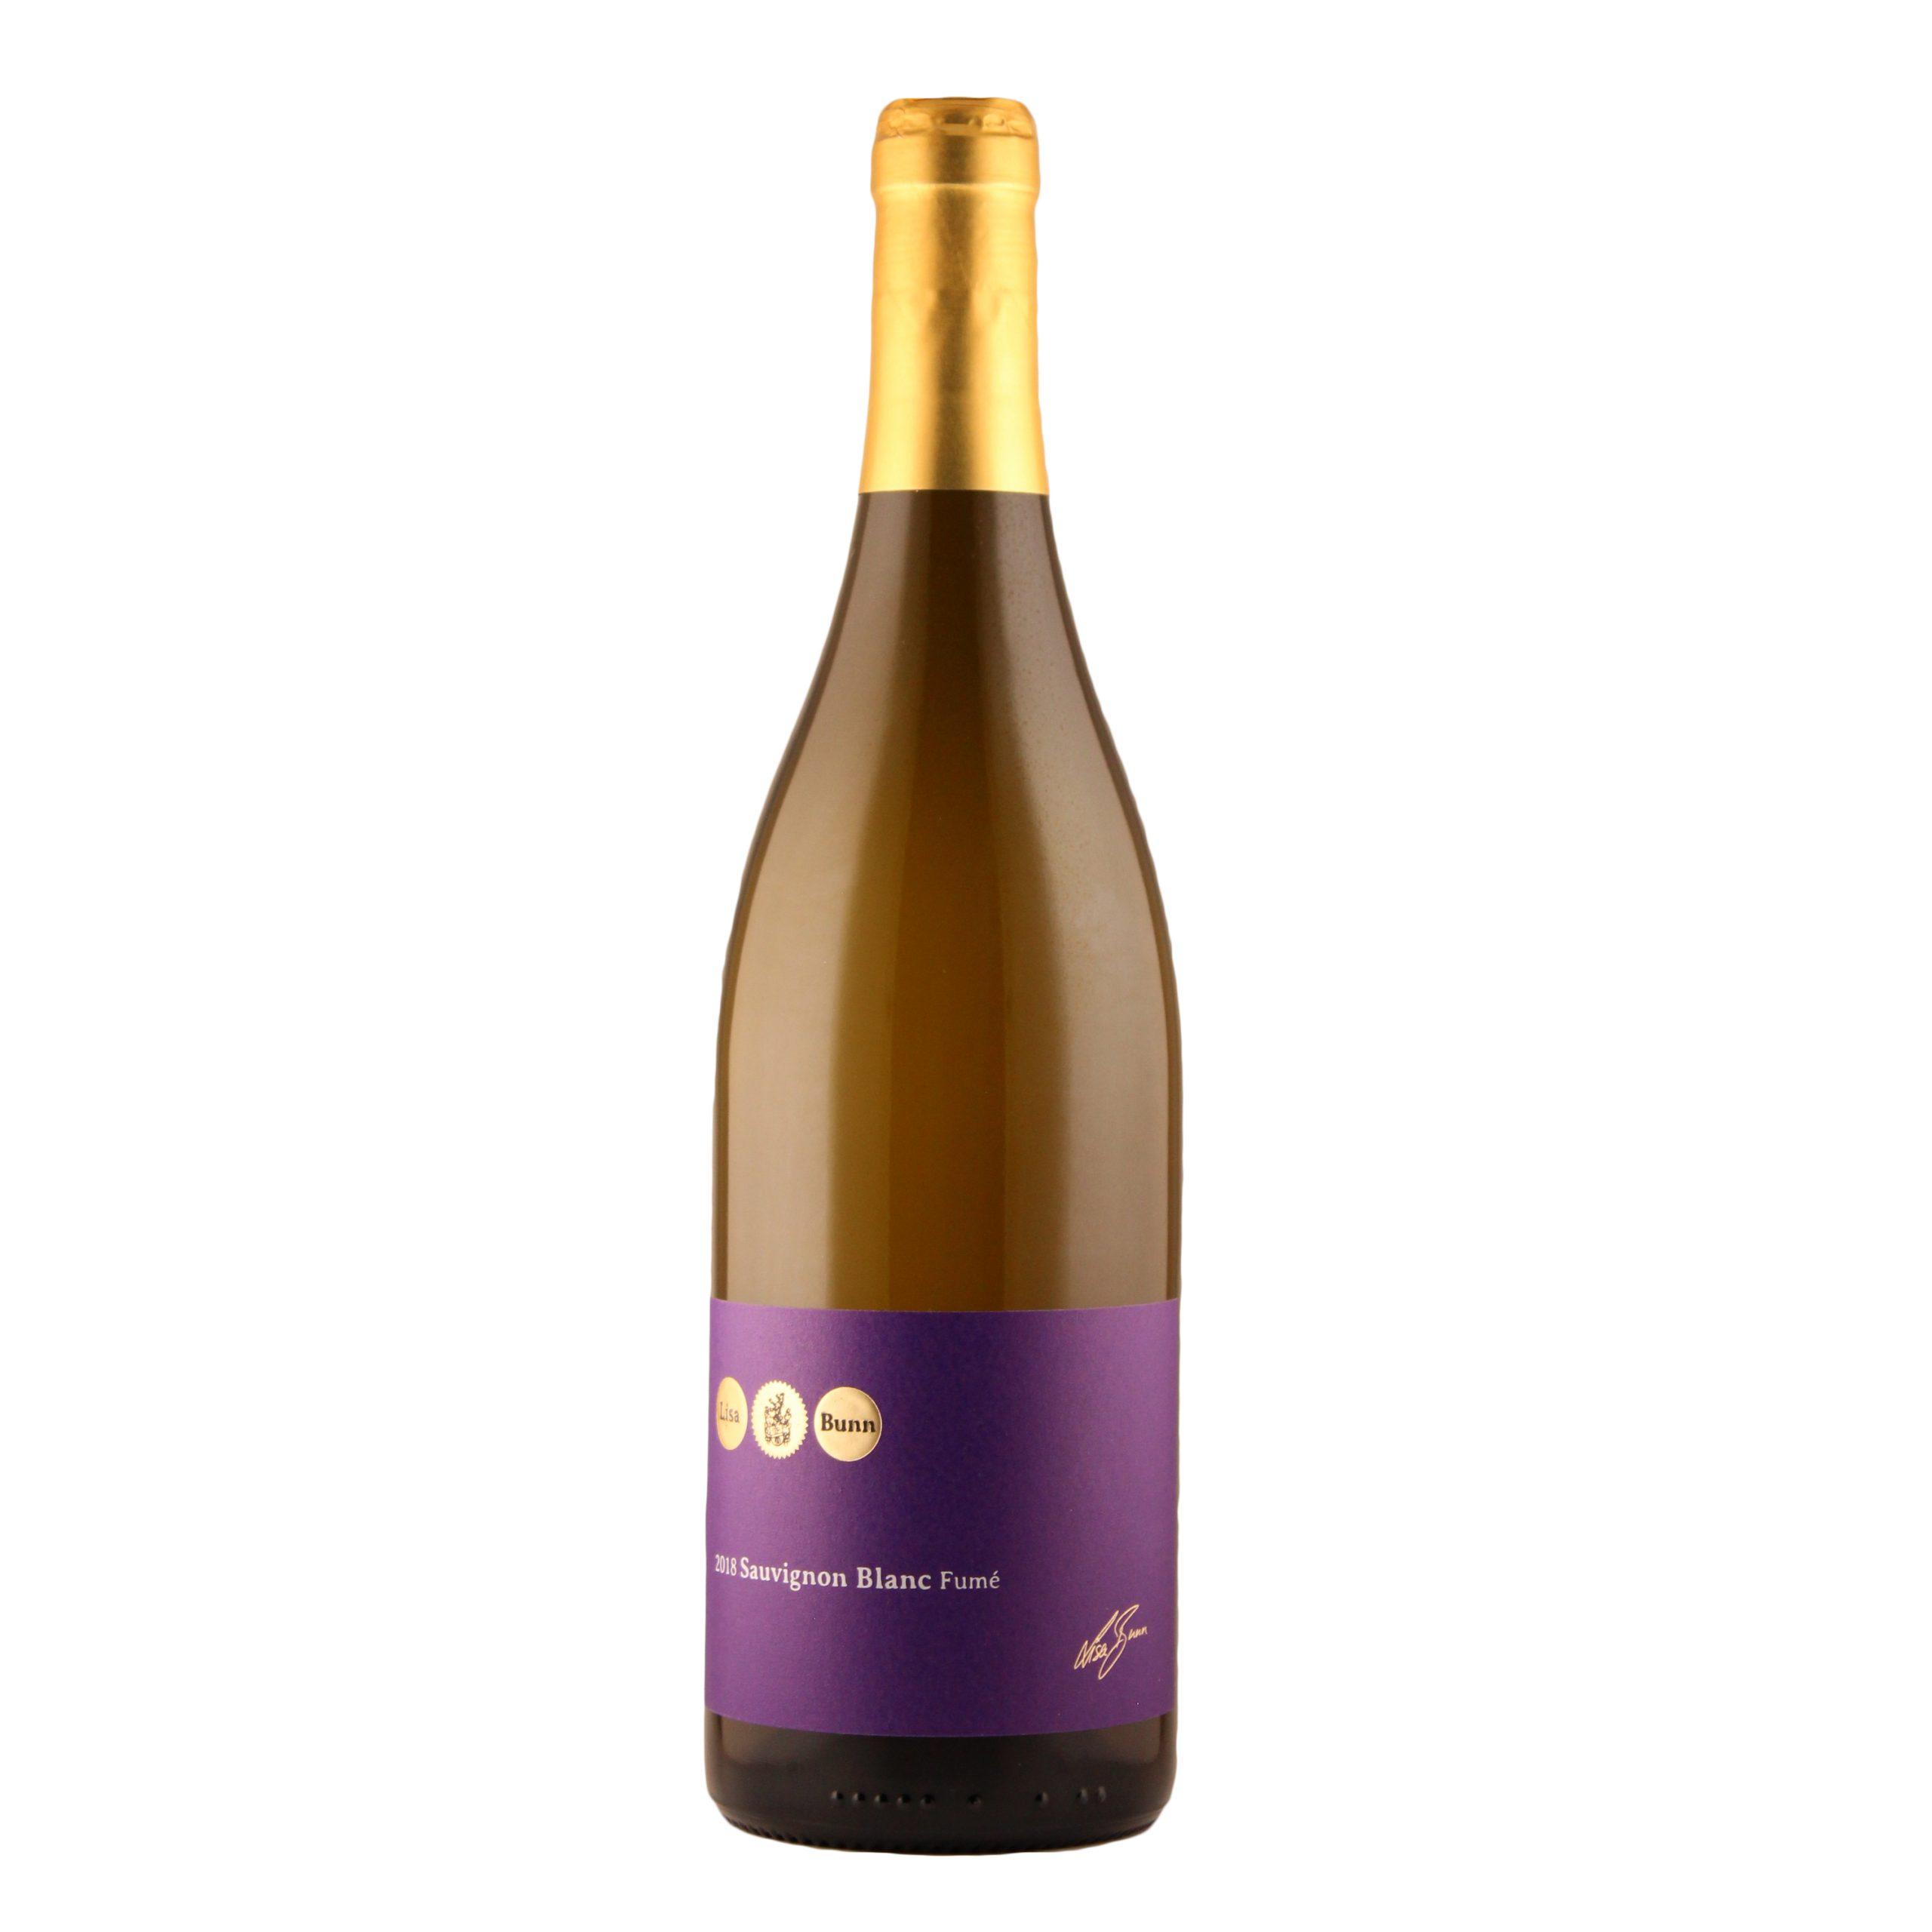 2018 Sauvignon Blanc Fumé